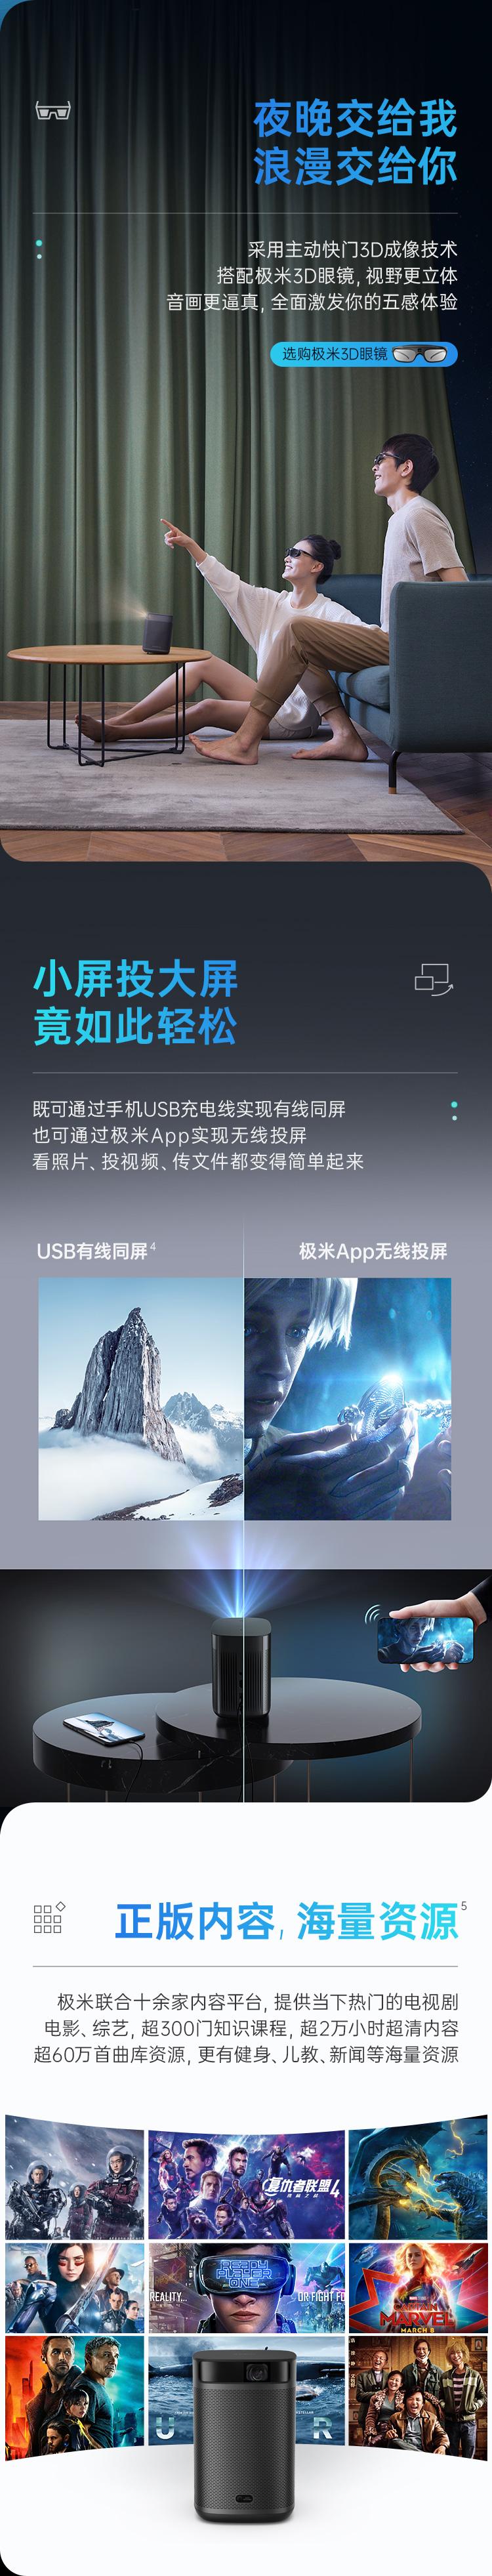 极米(XGIMI) Play超悦版 投影机 投影仪家用 便携 手机投影同屏